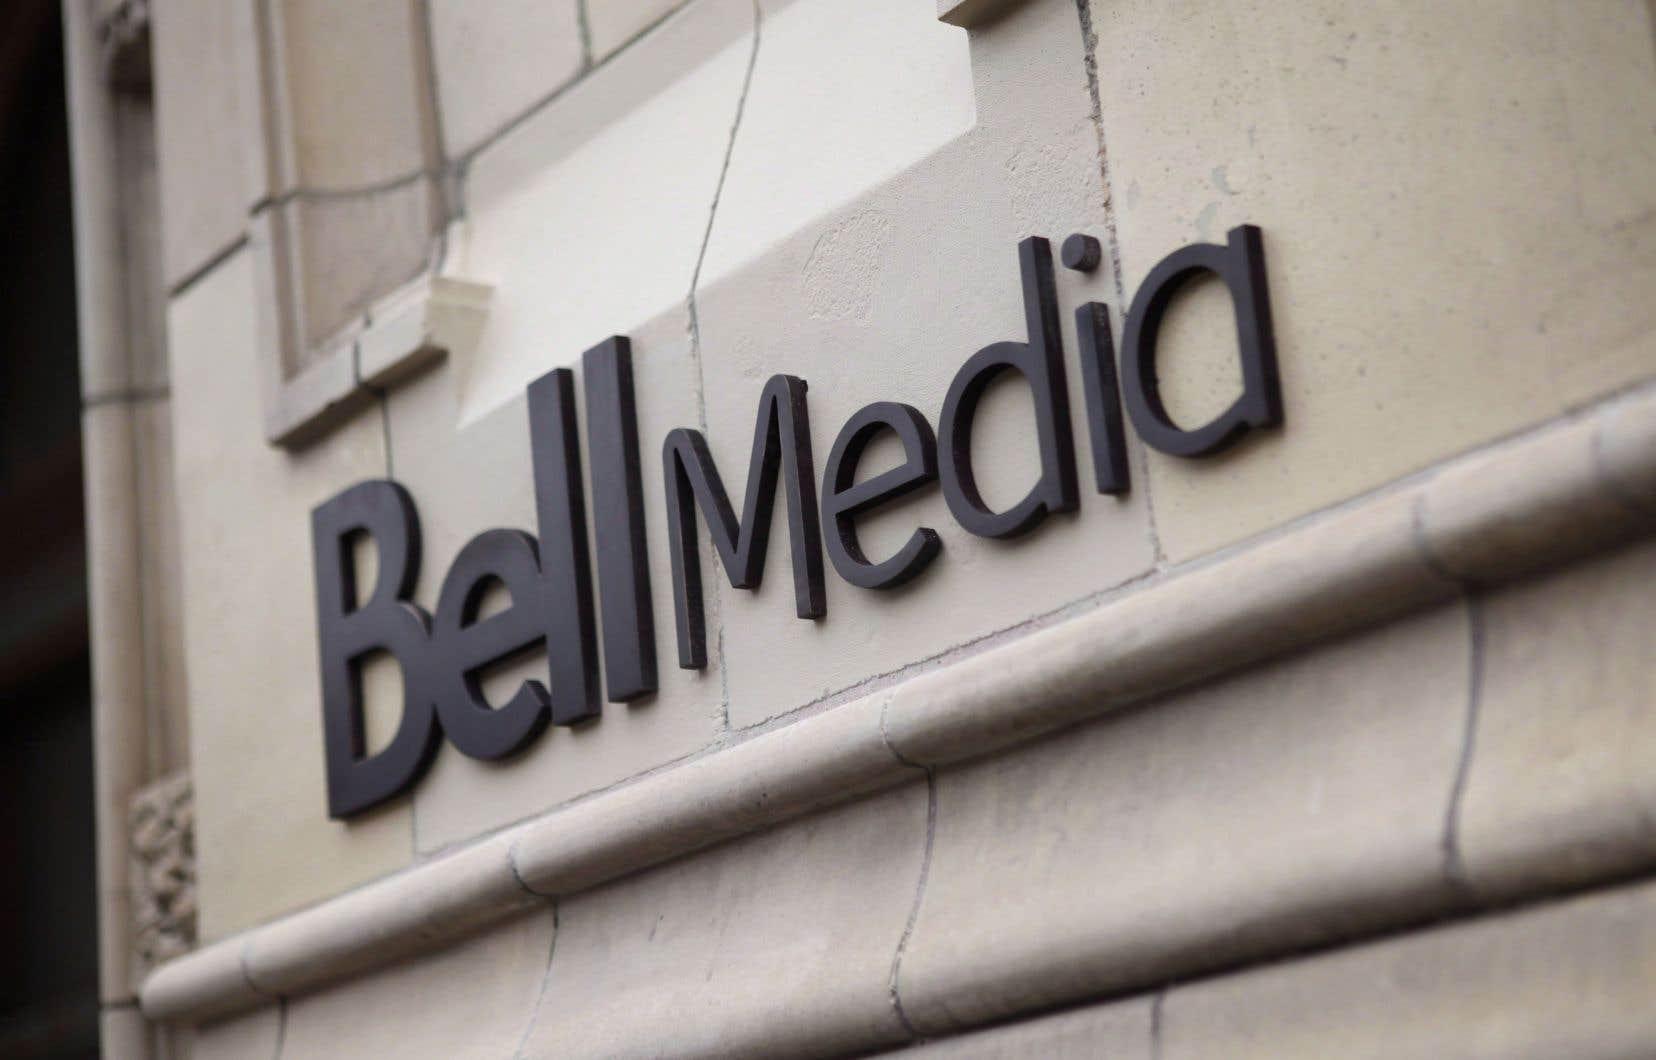 Globalement, Bell Canada voit l'exigence de dépenses d'émissions canadiennes passer de 35% à 40% des revenus de l'année précédente.